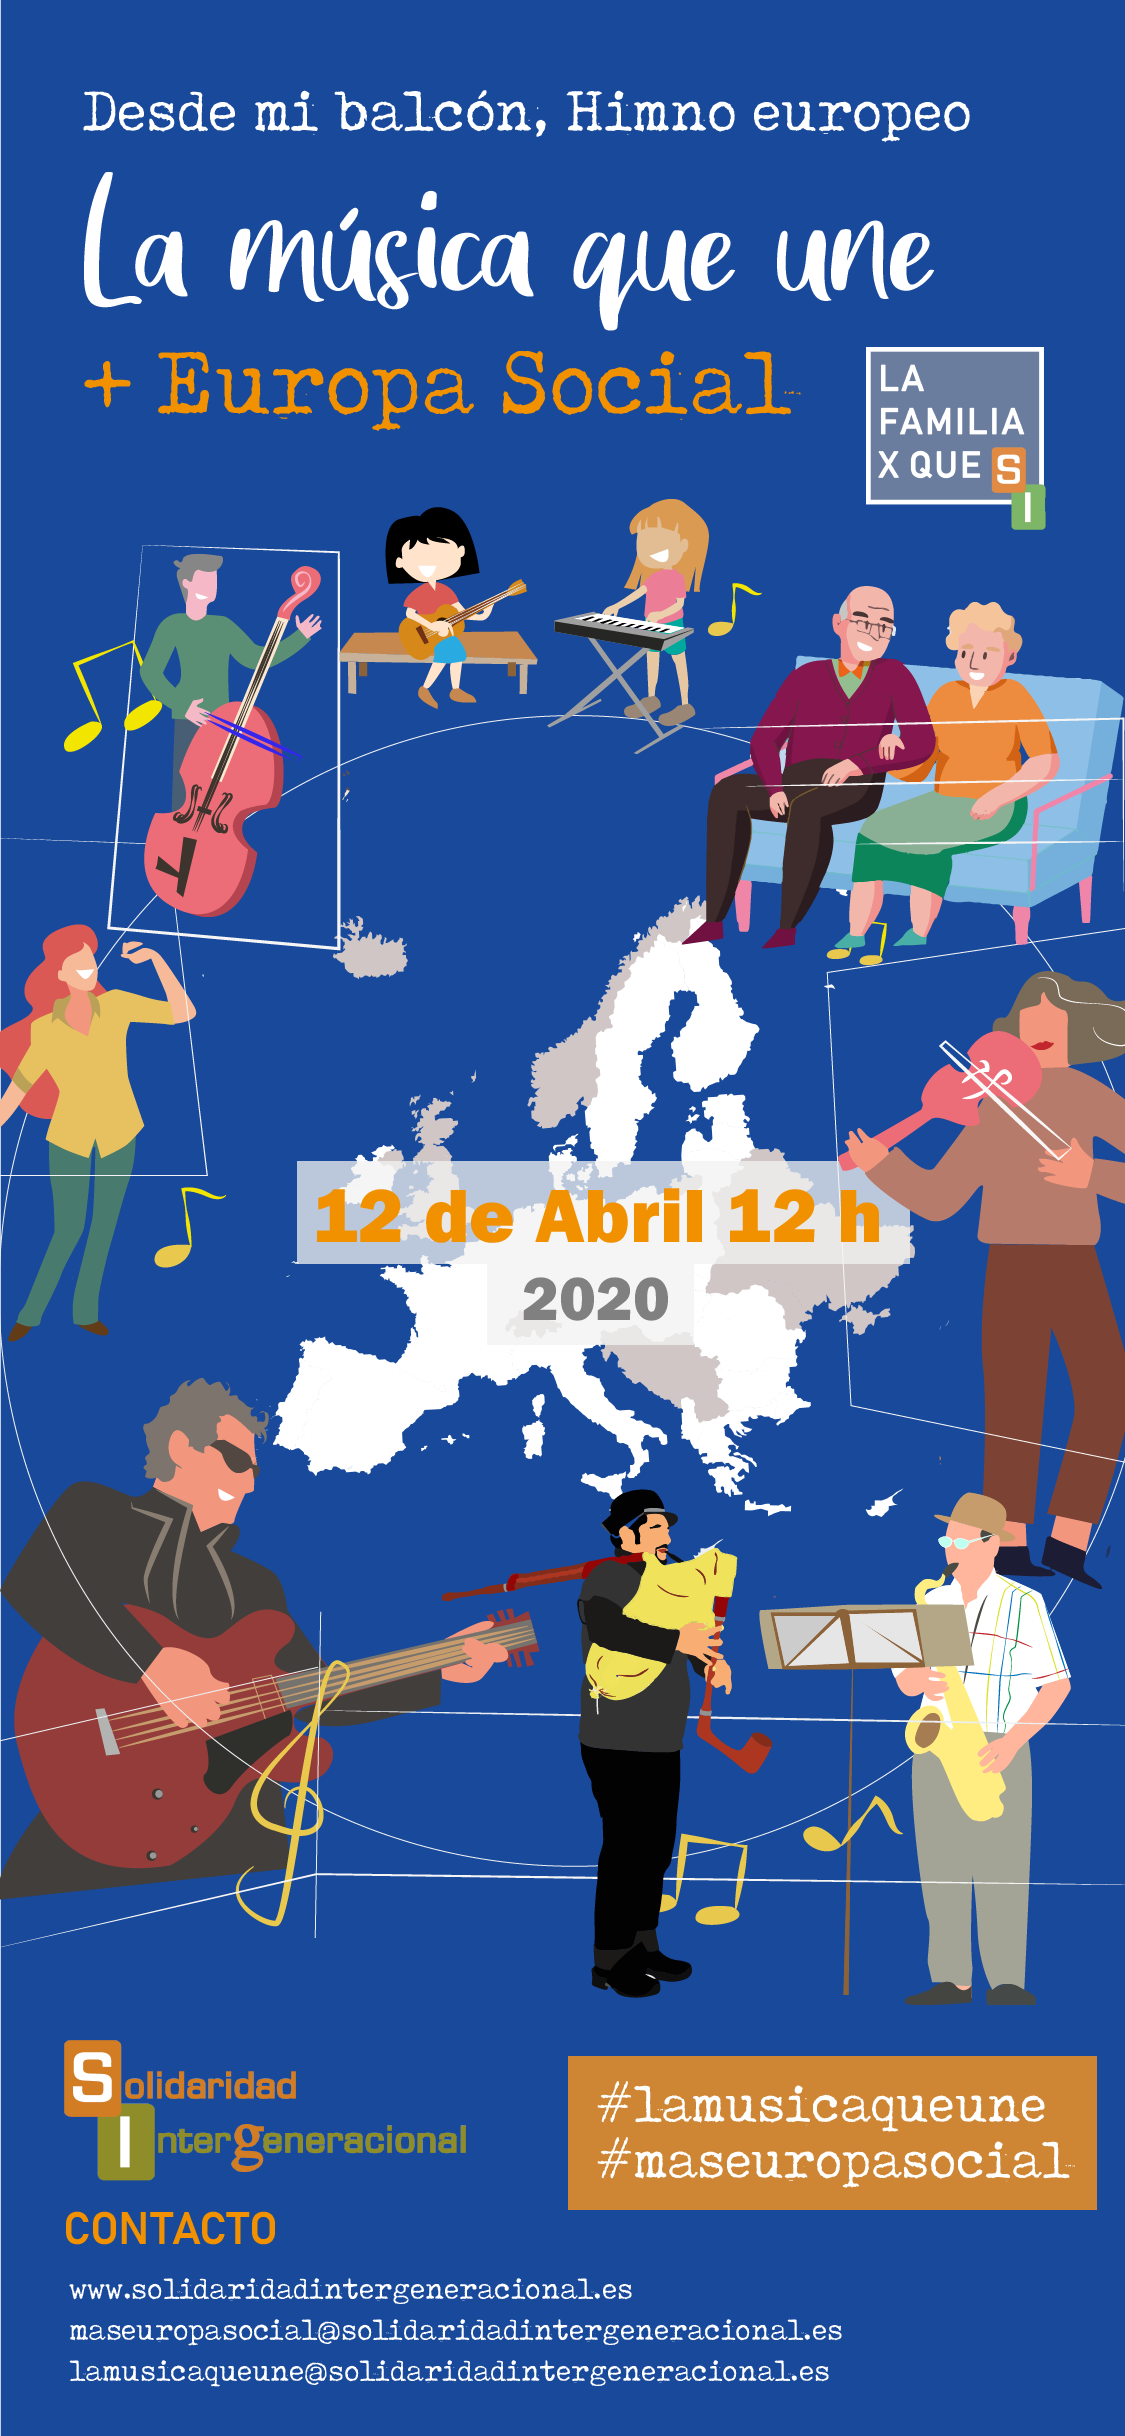 985337d4 89a1 4ebc 8e26 913ebabdc728 - La música que une a toda Europa el 12 abril a las 12h